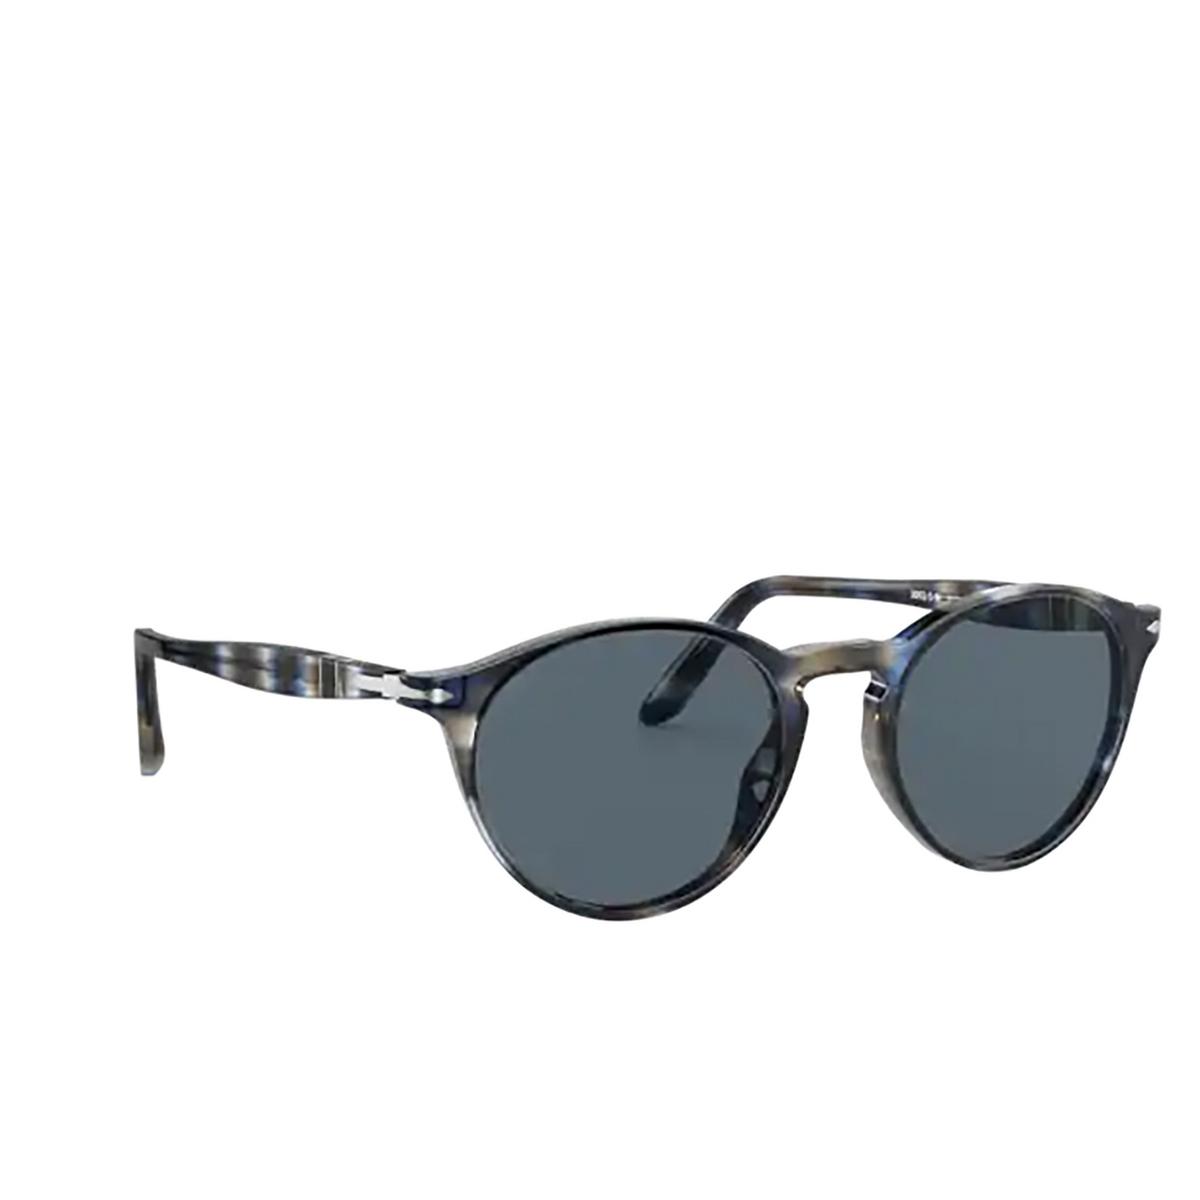 Persol® Round Sunglasses: PO3092SM color Striped Blue & Grey 1126R5 - three-quarters view.